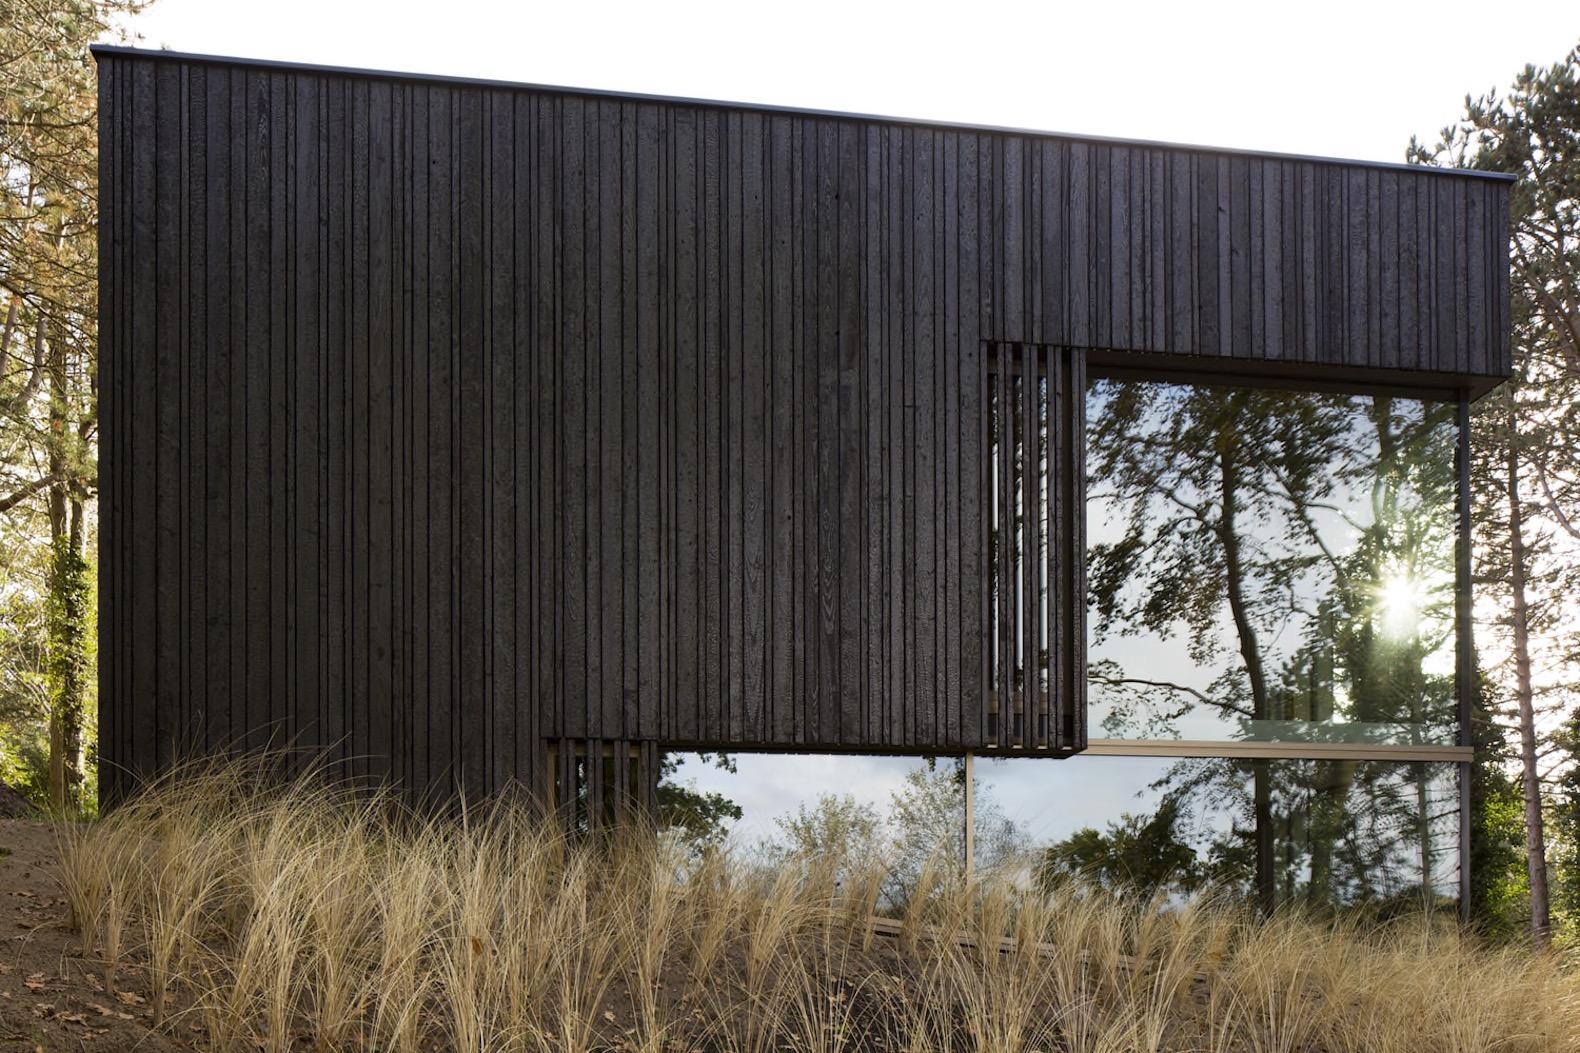 villa-meijendel-by-vvkh-architecten-7.jpg